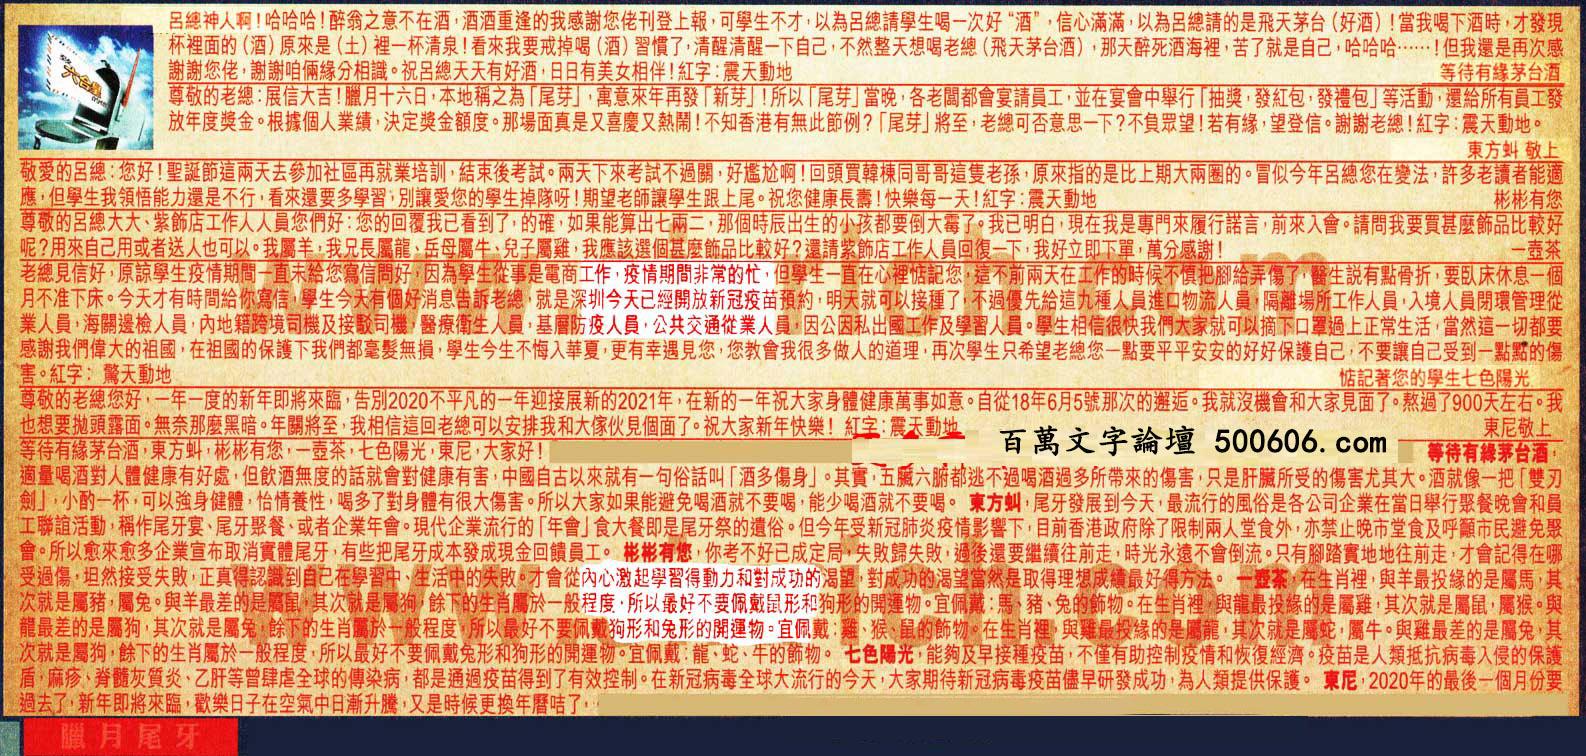 001期:彩民推荐六合皇信箱(紅字:臘月尾牙)_001期开奖结果:03-14-21-45-46-09-T34兔/红/火